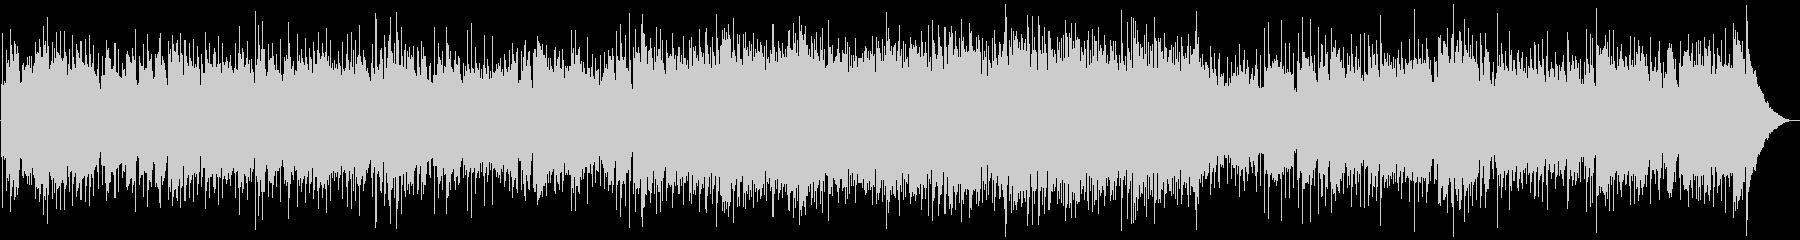 アコーディオンのフォークロック調バラードの未再生の波形